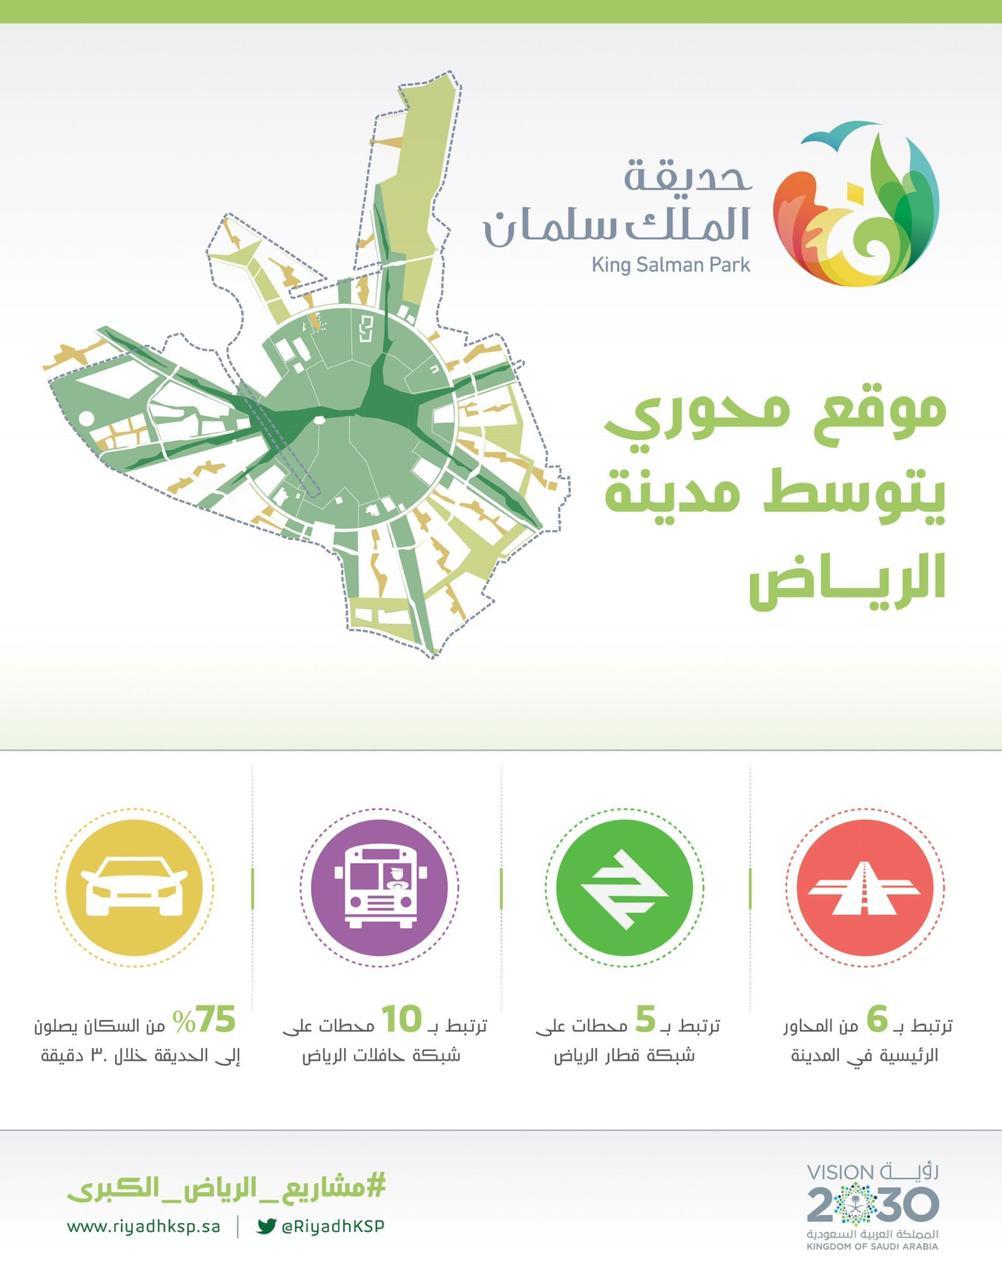 فيديو لمشاريع الرياض